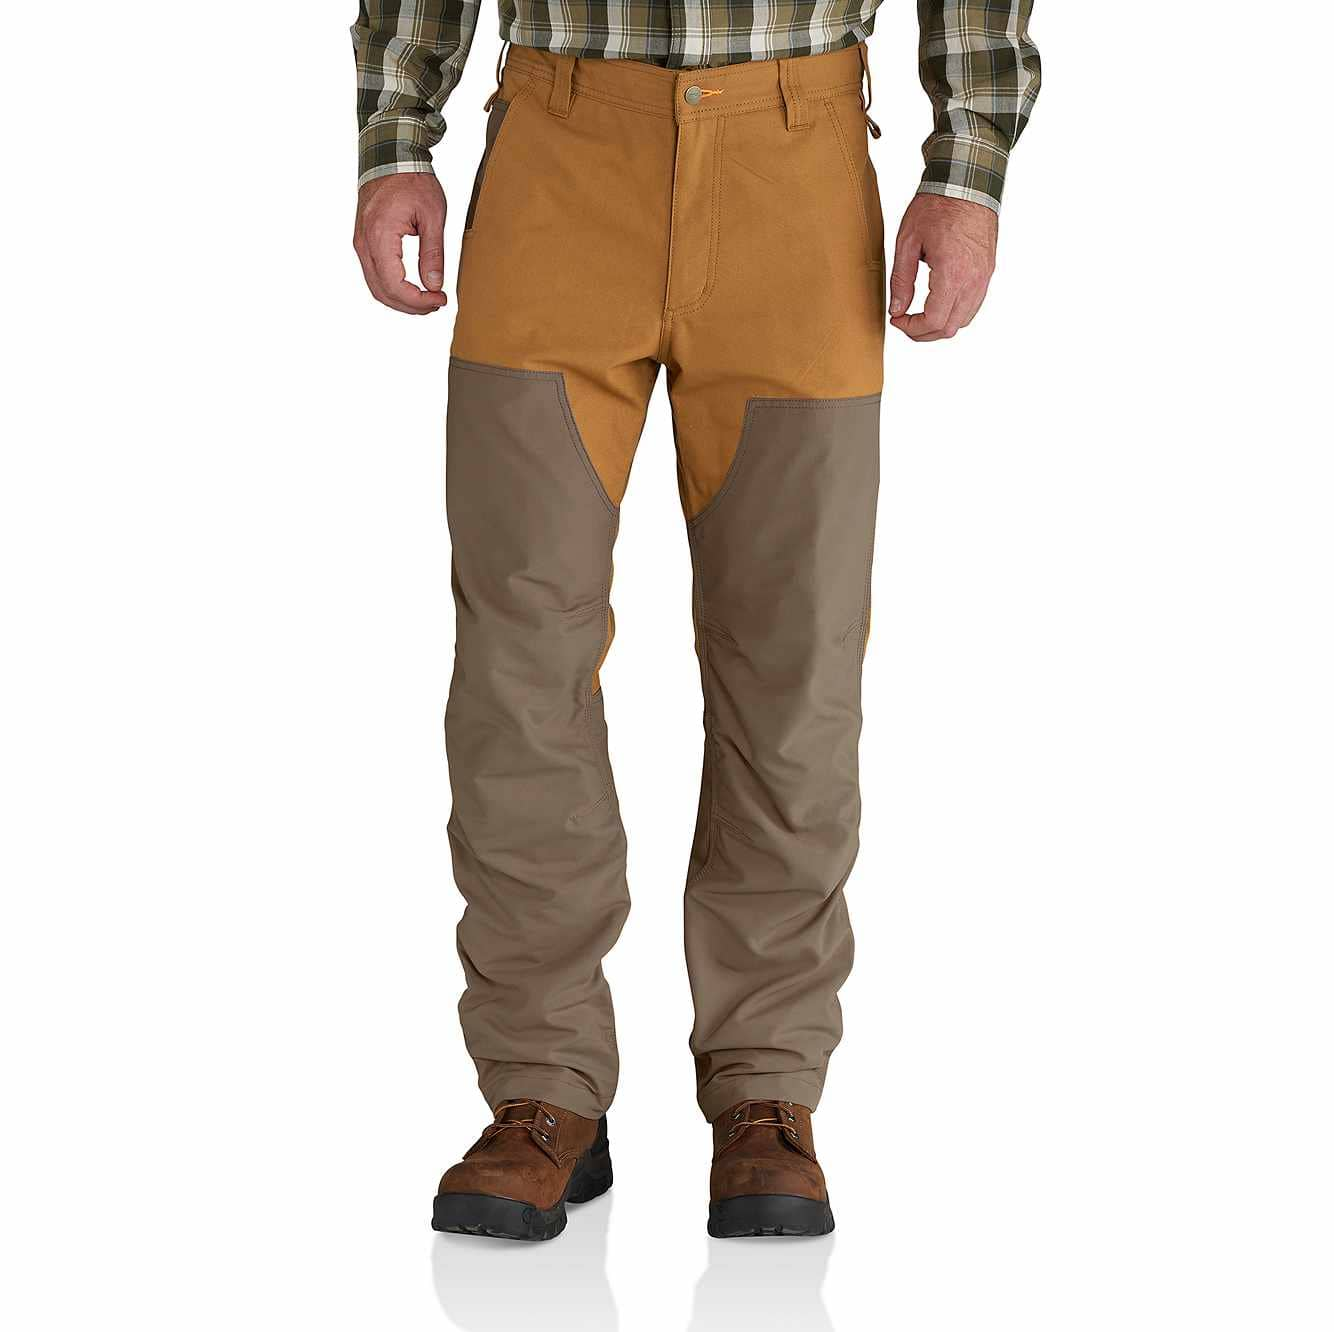 93a4dd8749e2b Men's Upland Field Pant 102282 | Carhartt